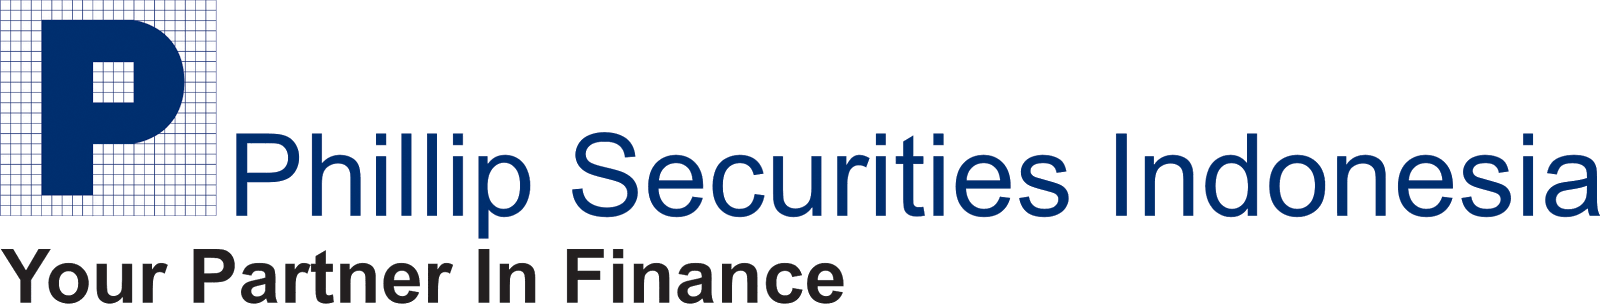 phillip securities indonesia